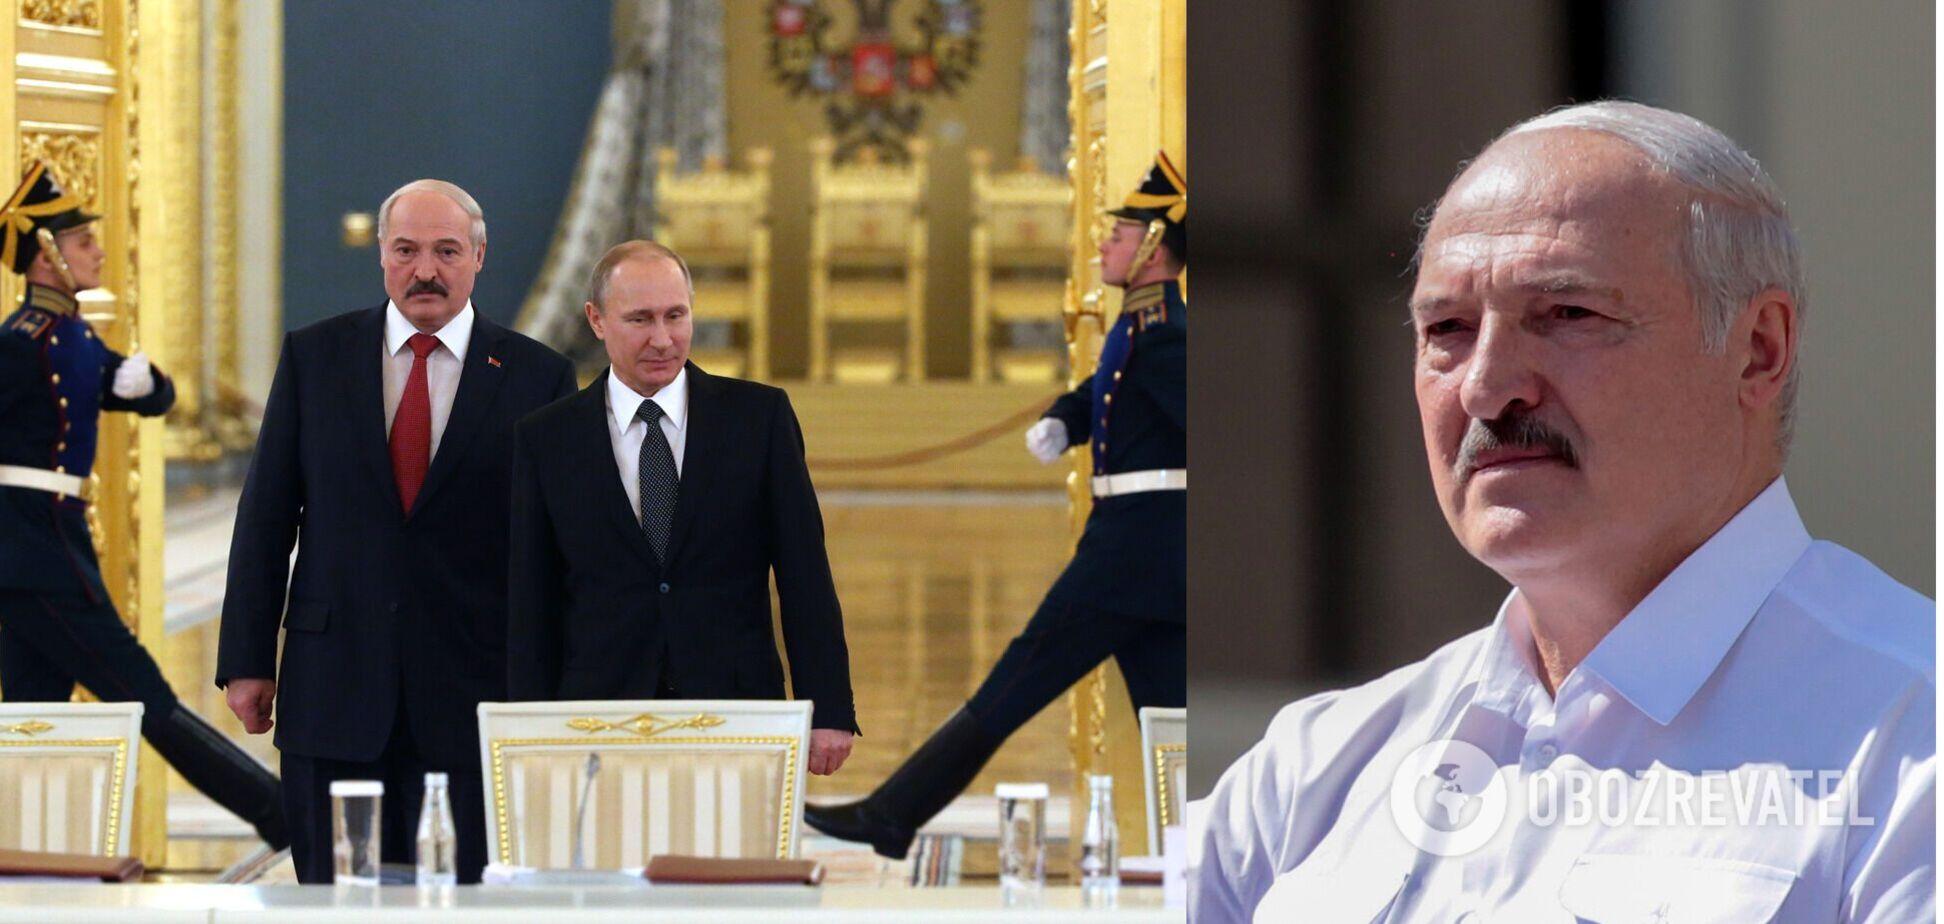 Режим Лукашенка може не витримати двох санкцій, – економіст